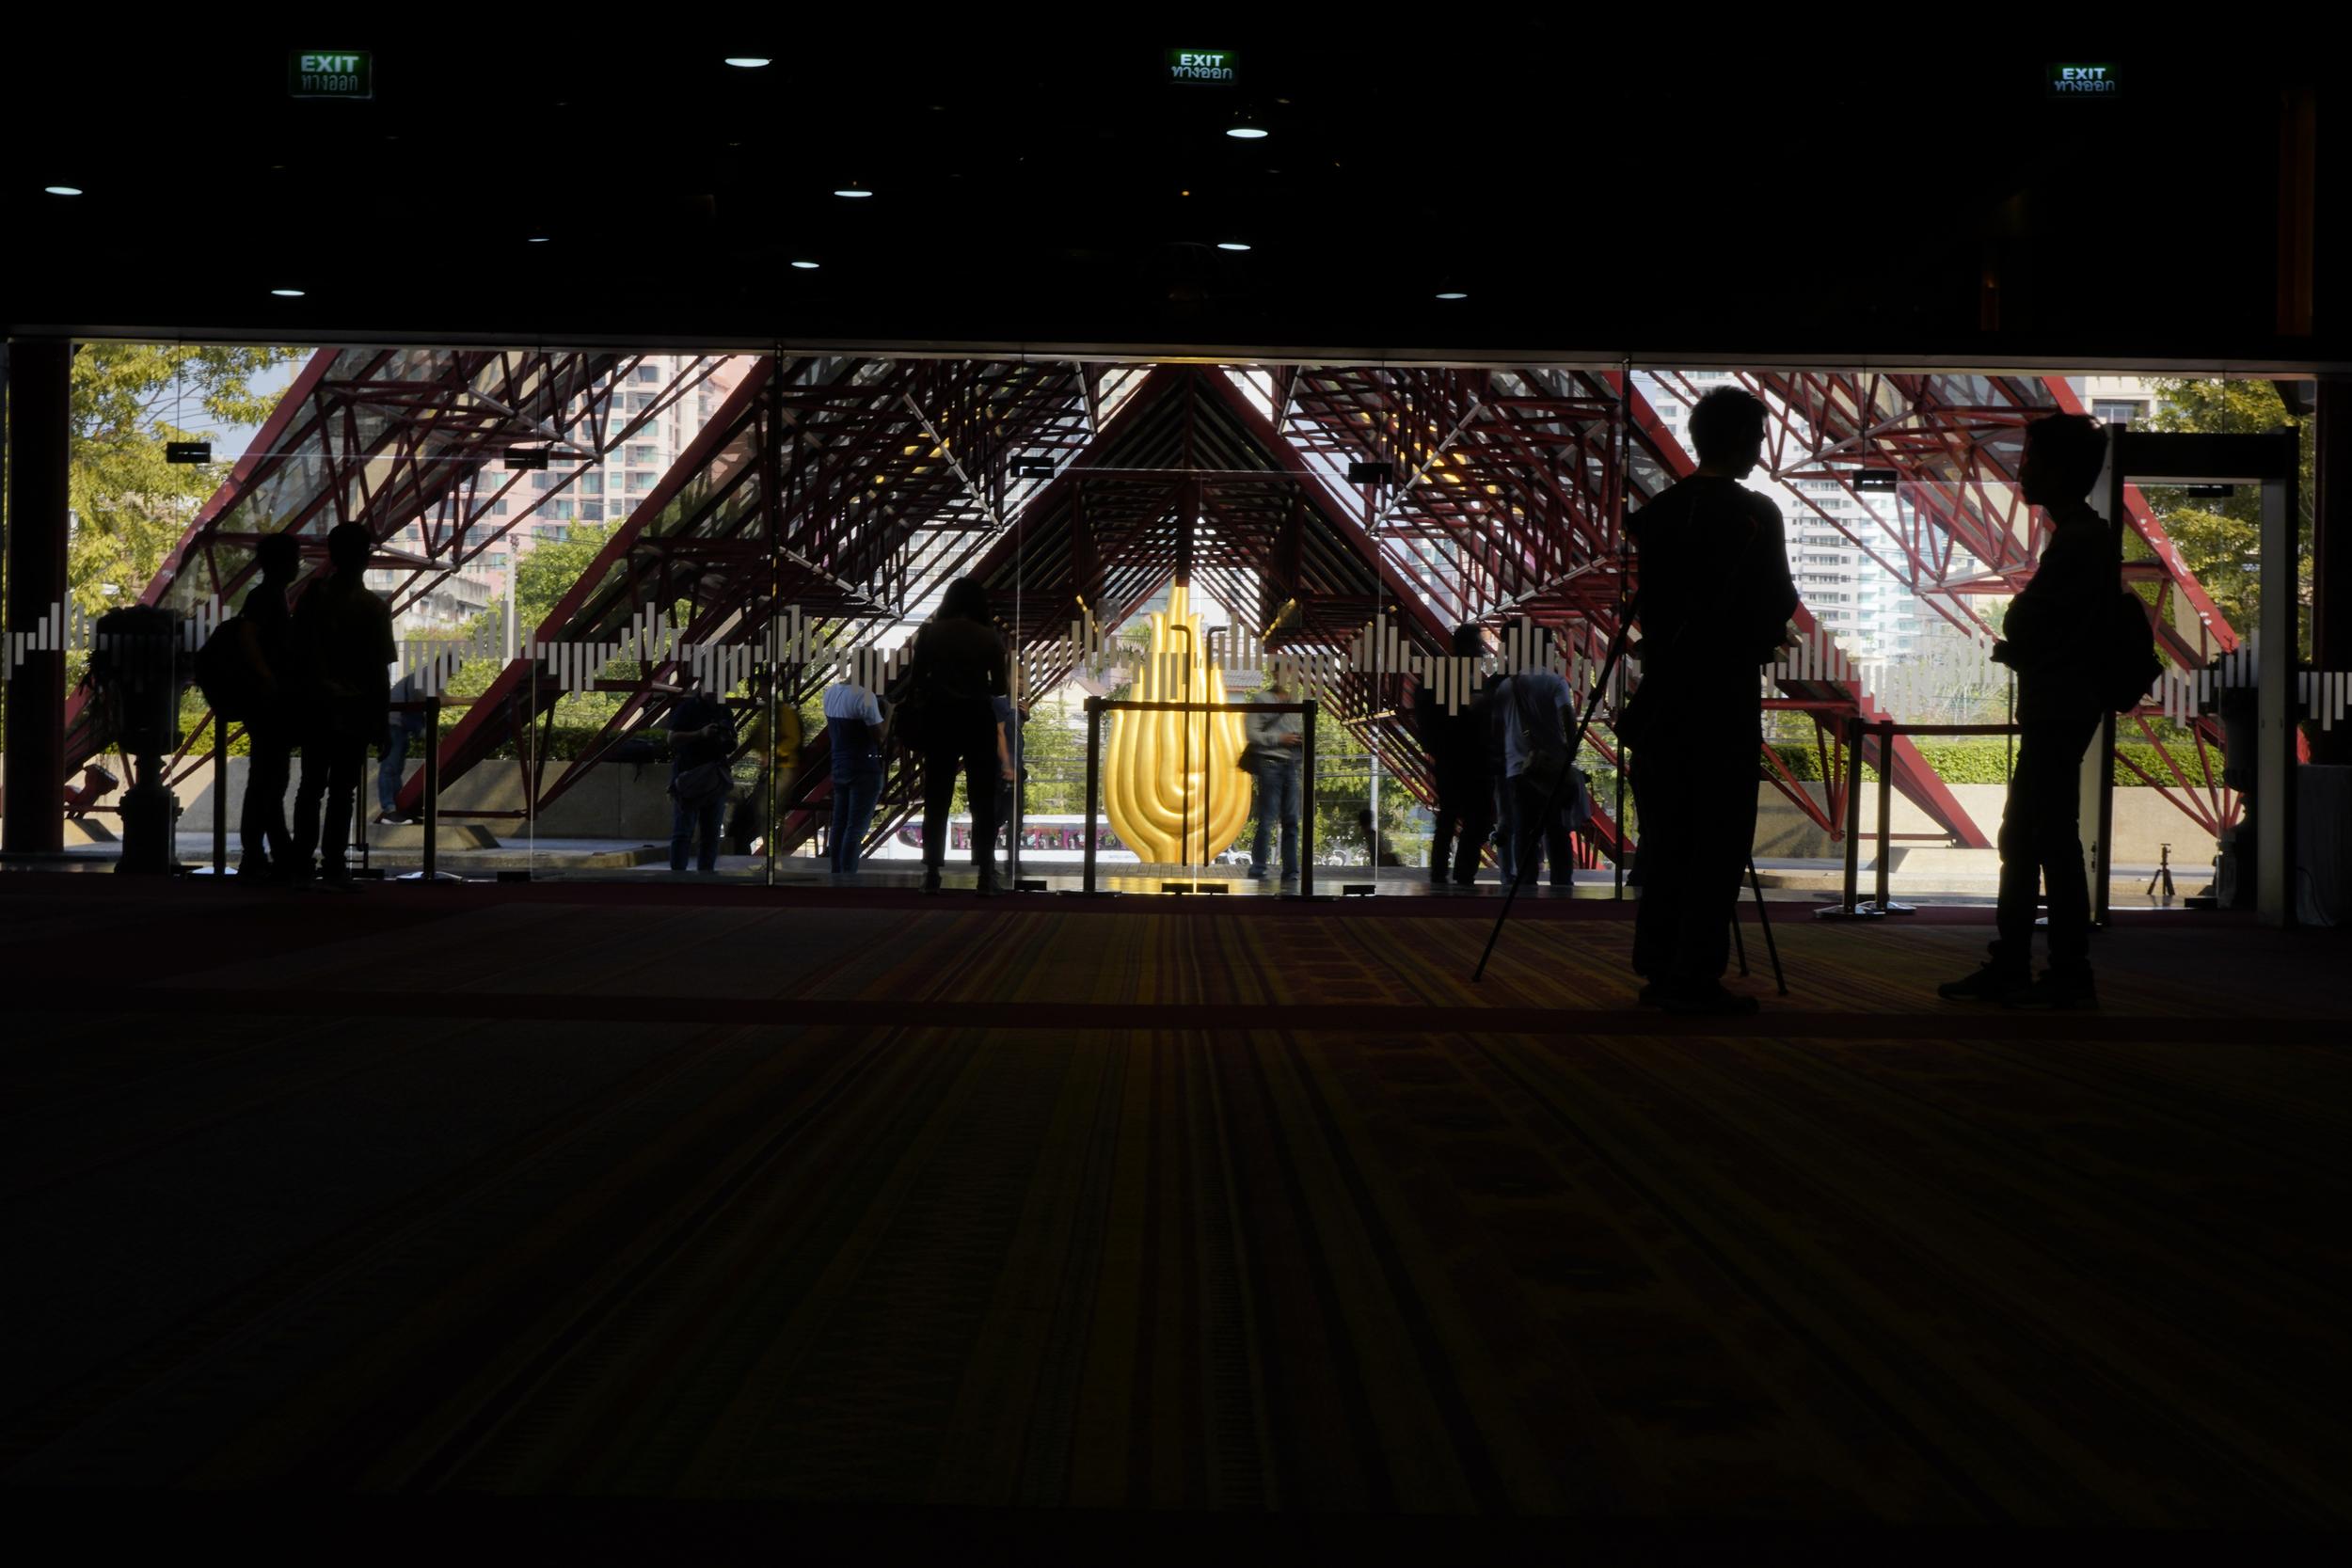 ศูนย์การประชุมแห่งชาติสิริกิติ์ queen sirikit national convention center โลกุตระ ประติมากรรม ชลูด นิ่มเสมอ One Shot Knockout